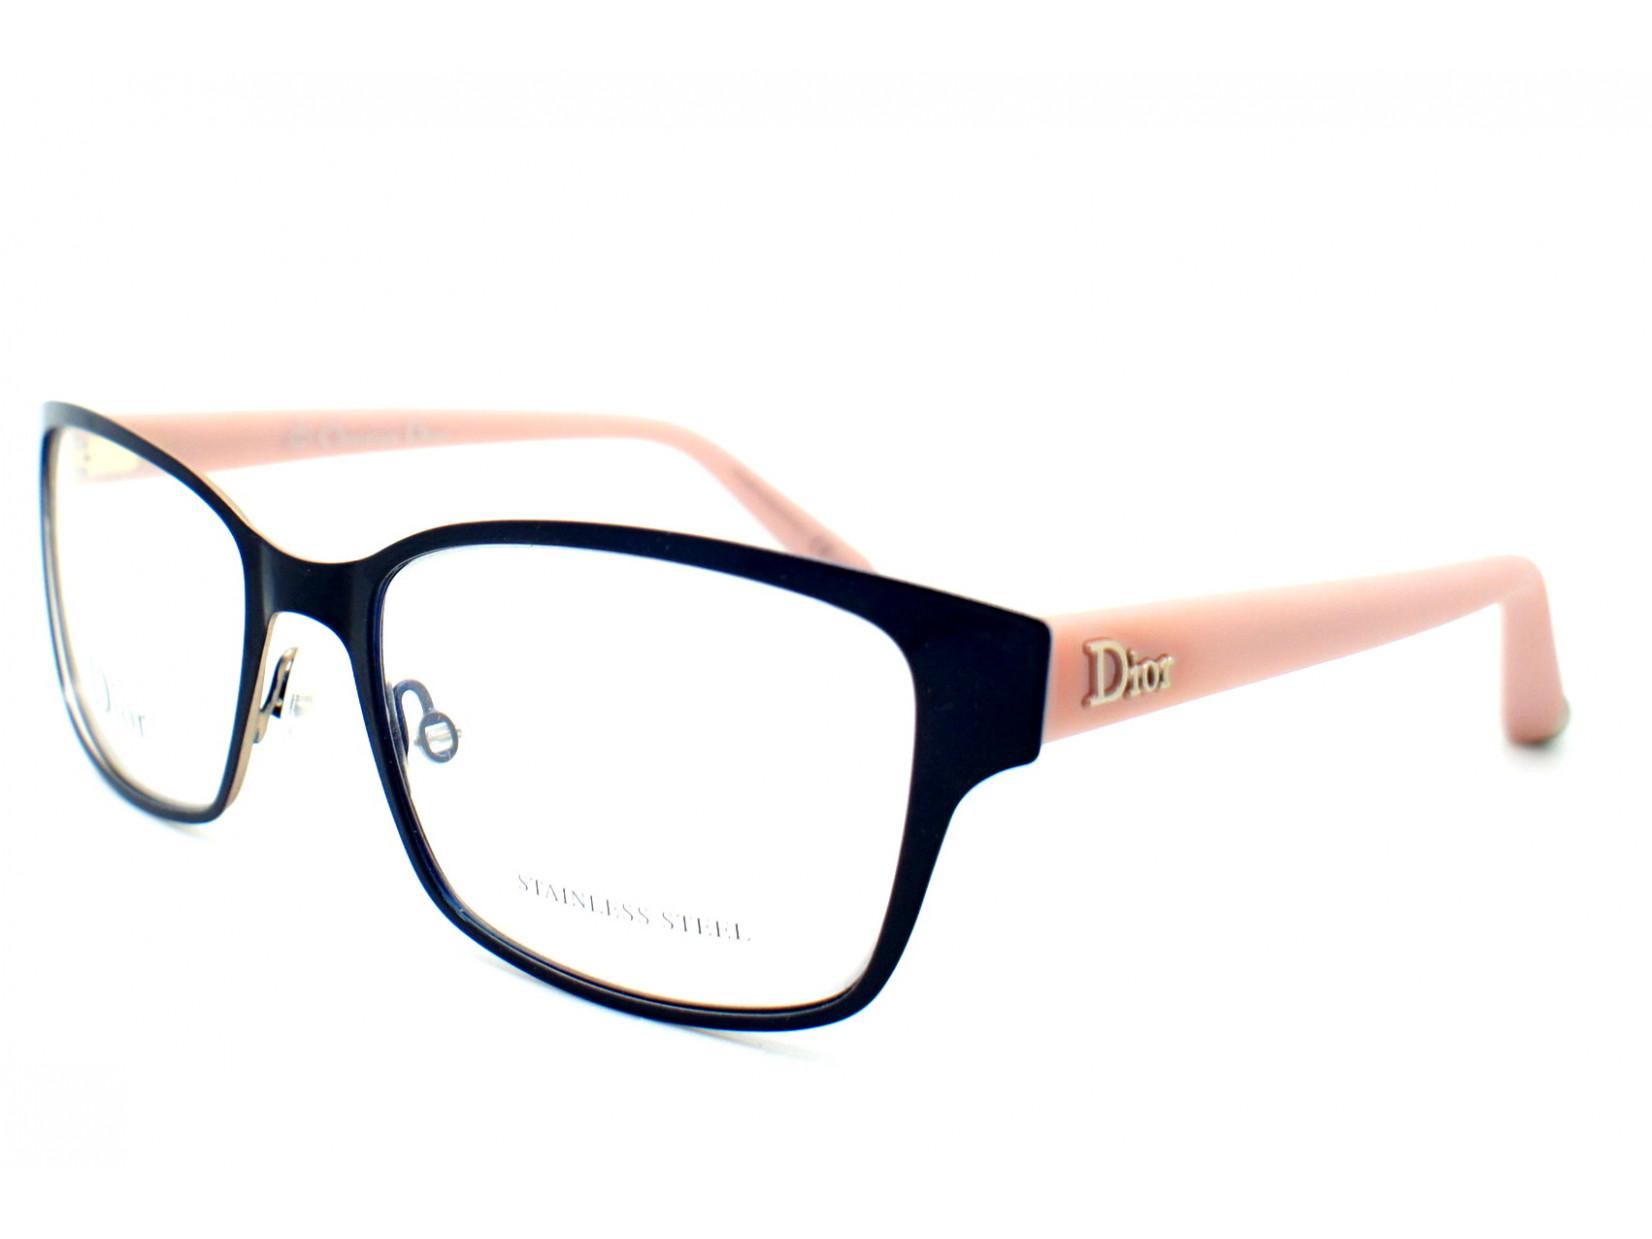 f1b8202265a1b8 Lunettes de vue pour femme DIOR Bleu CD 3774 3JF 53 17